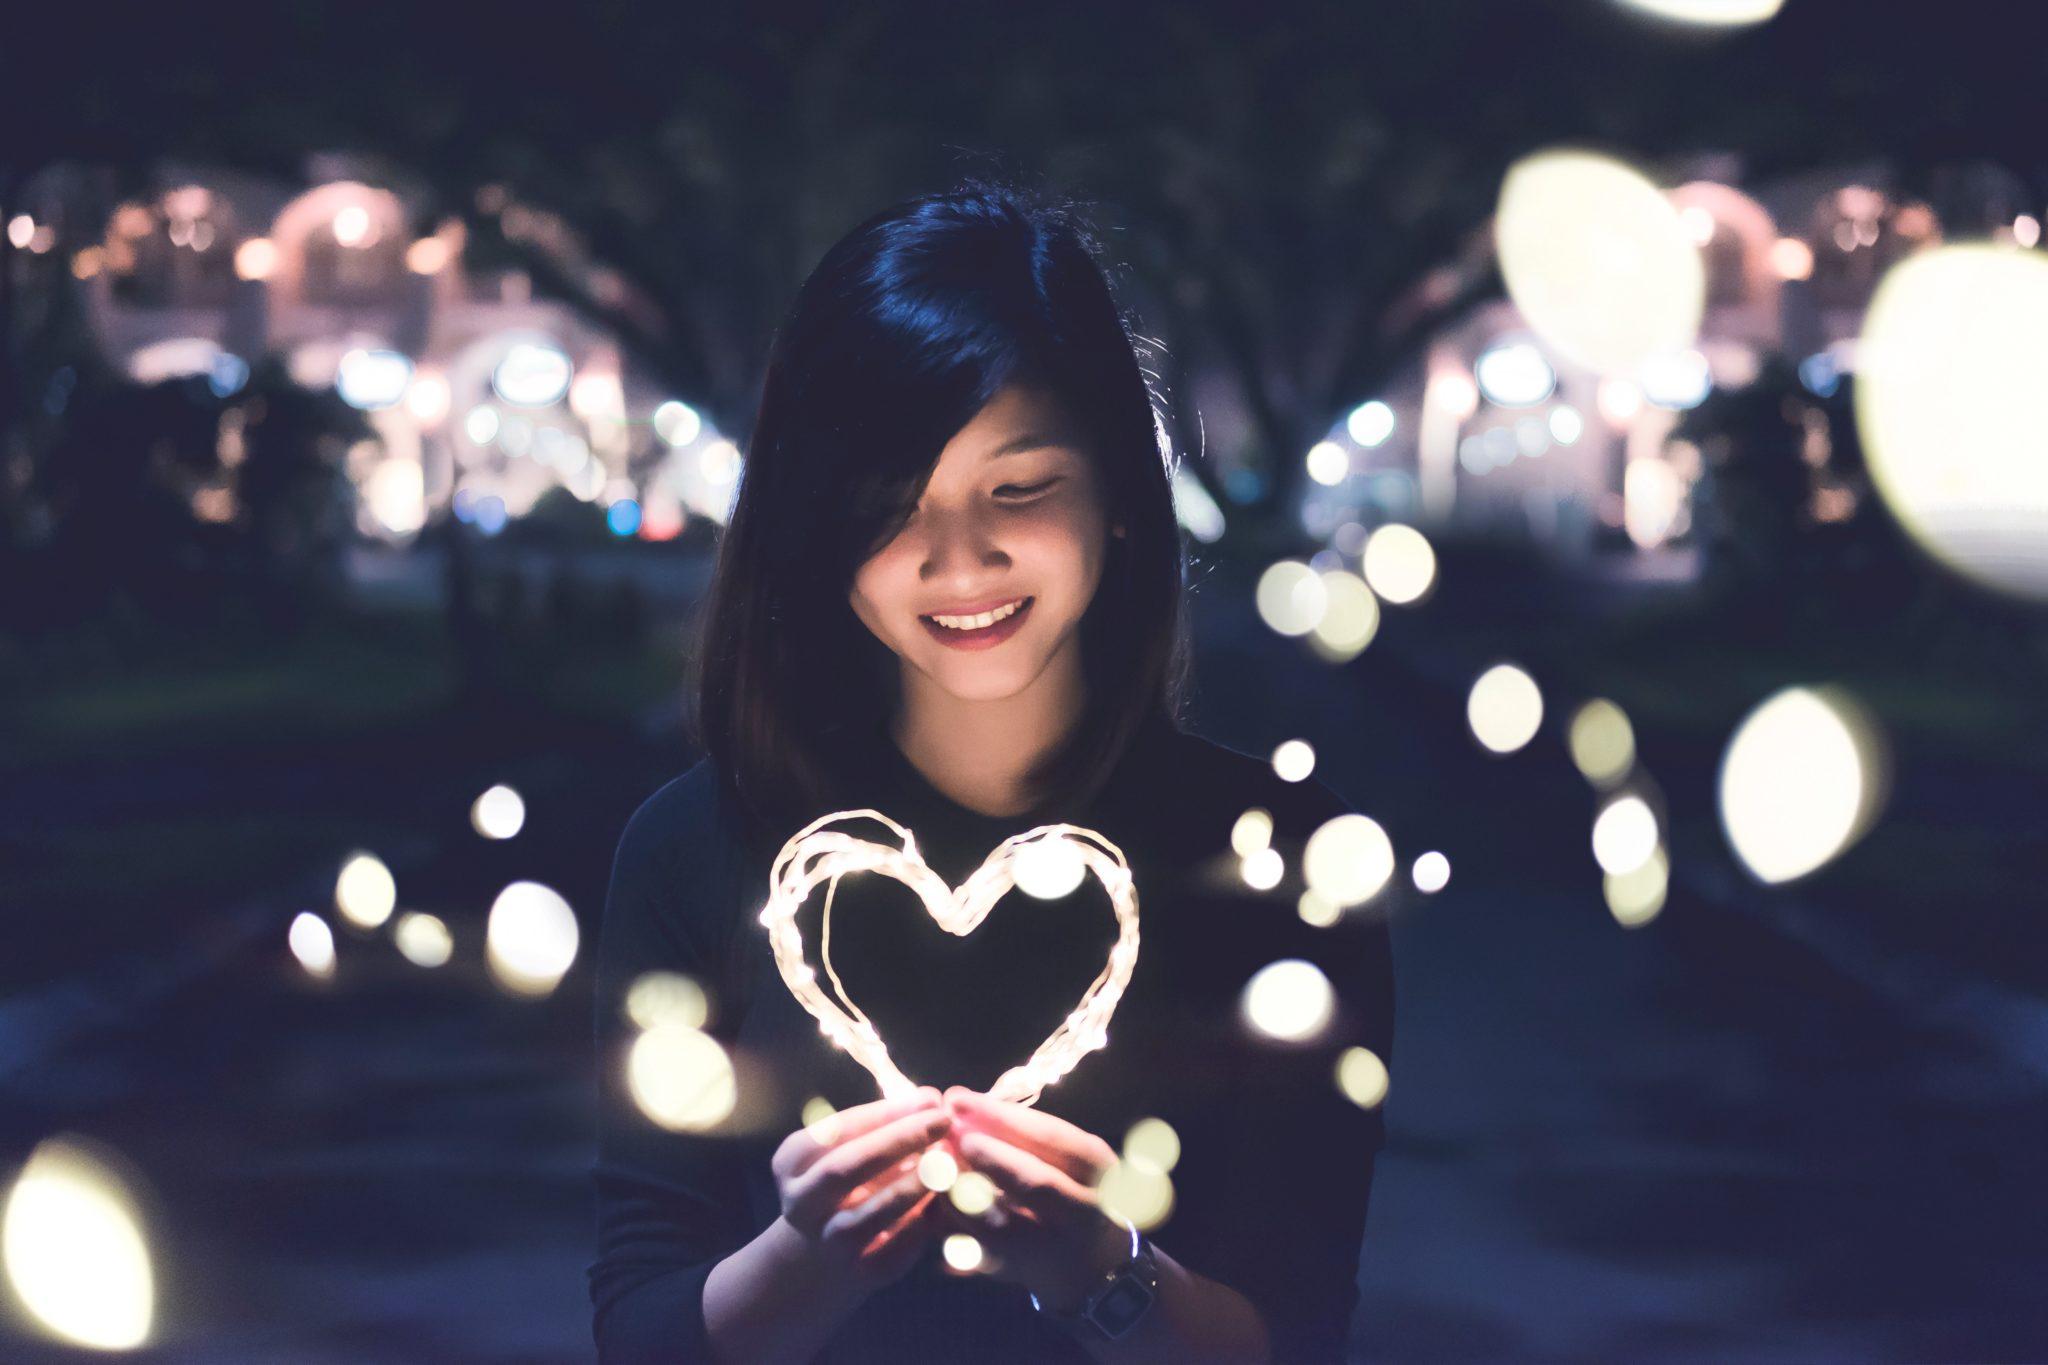 Завтра не наступит никогда: полюби себя прямо сейчас